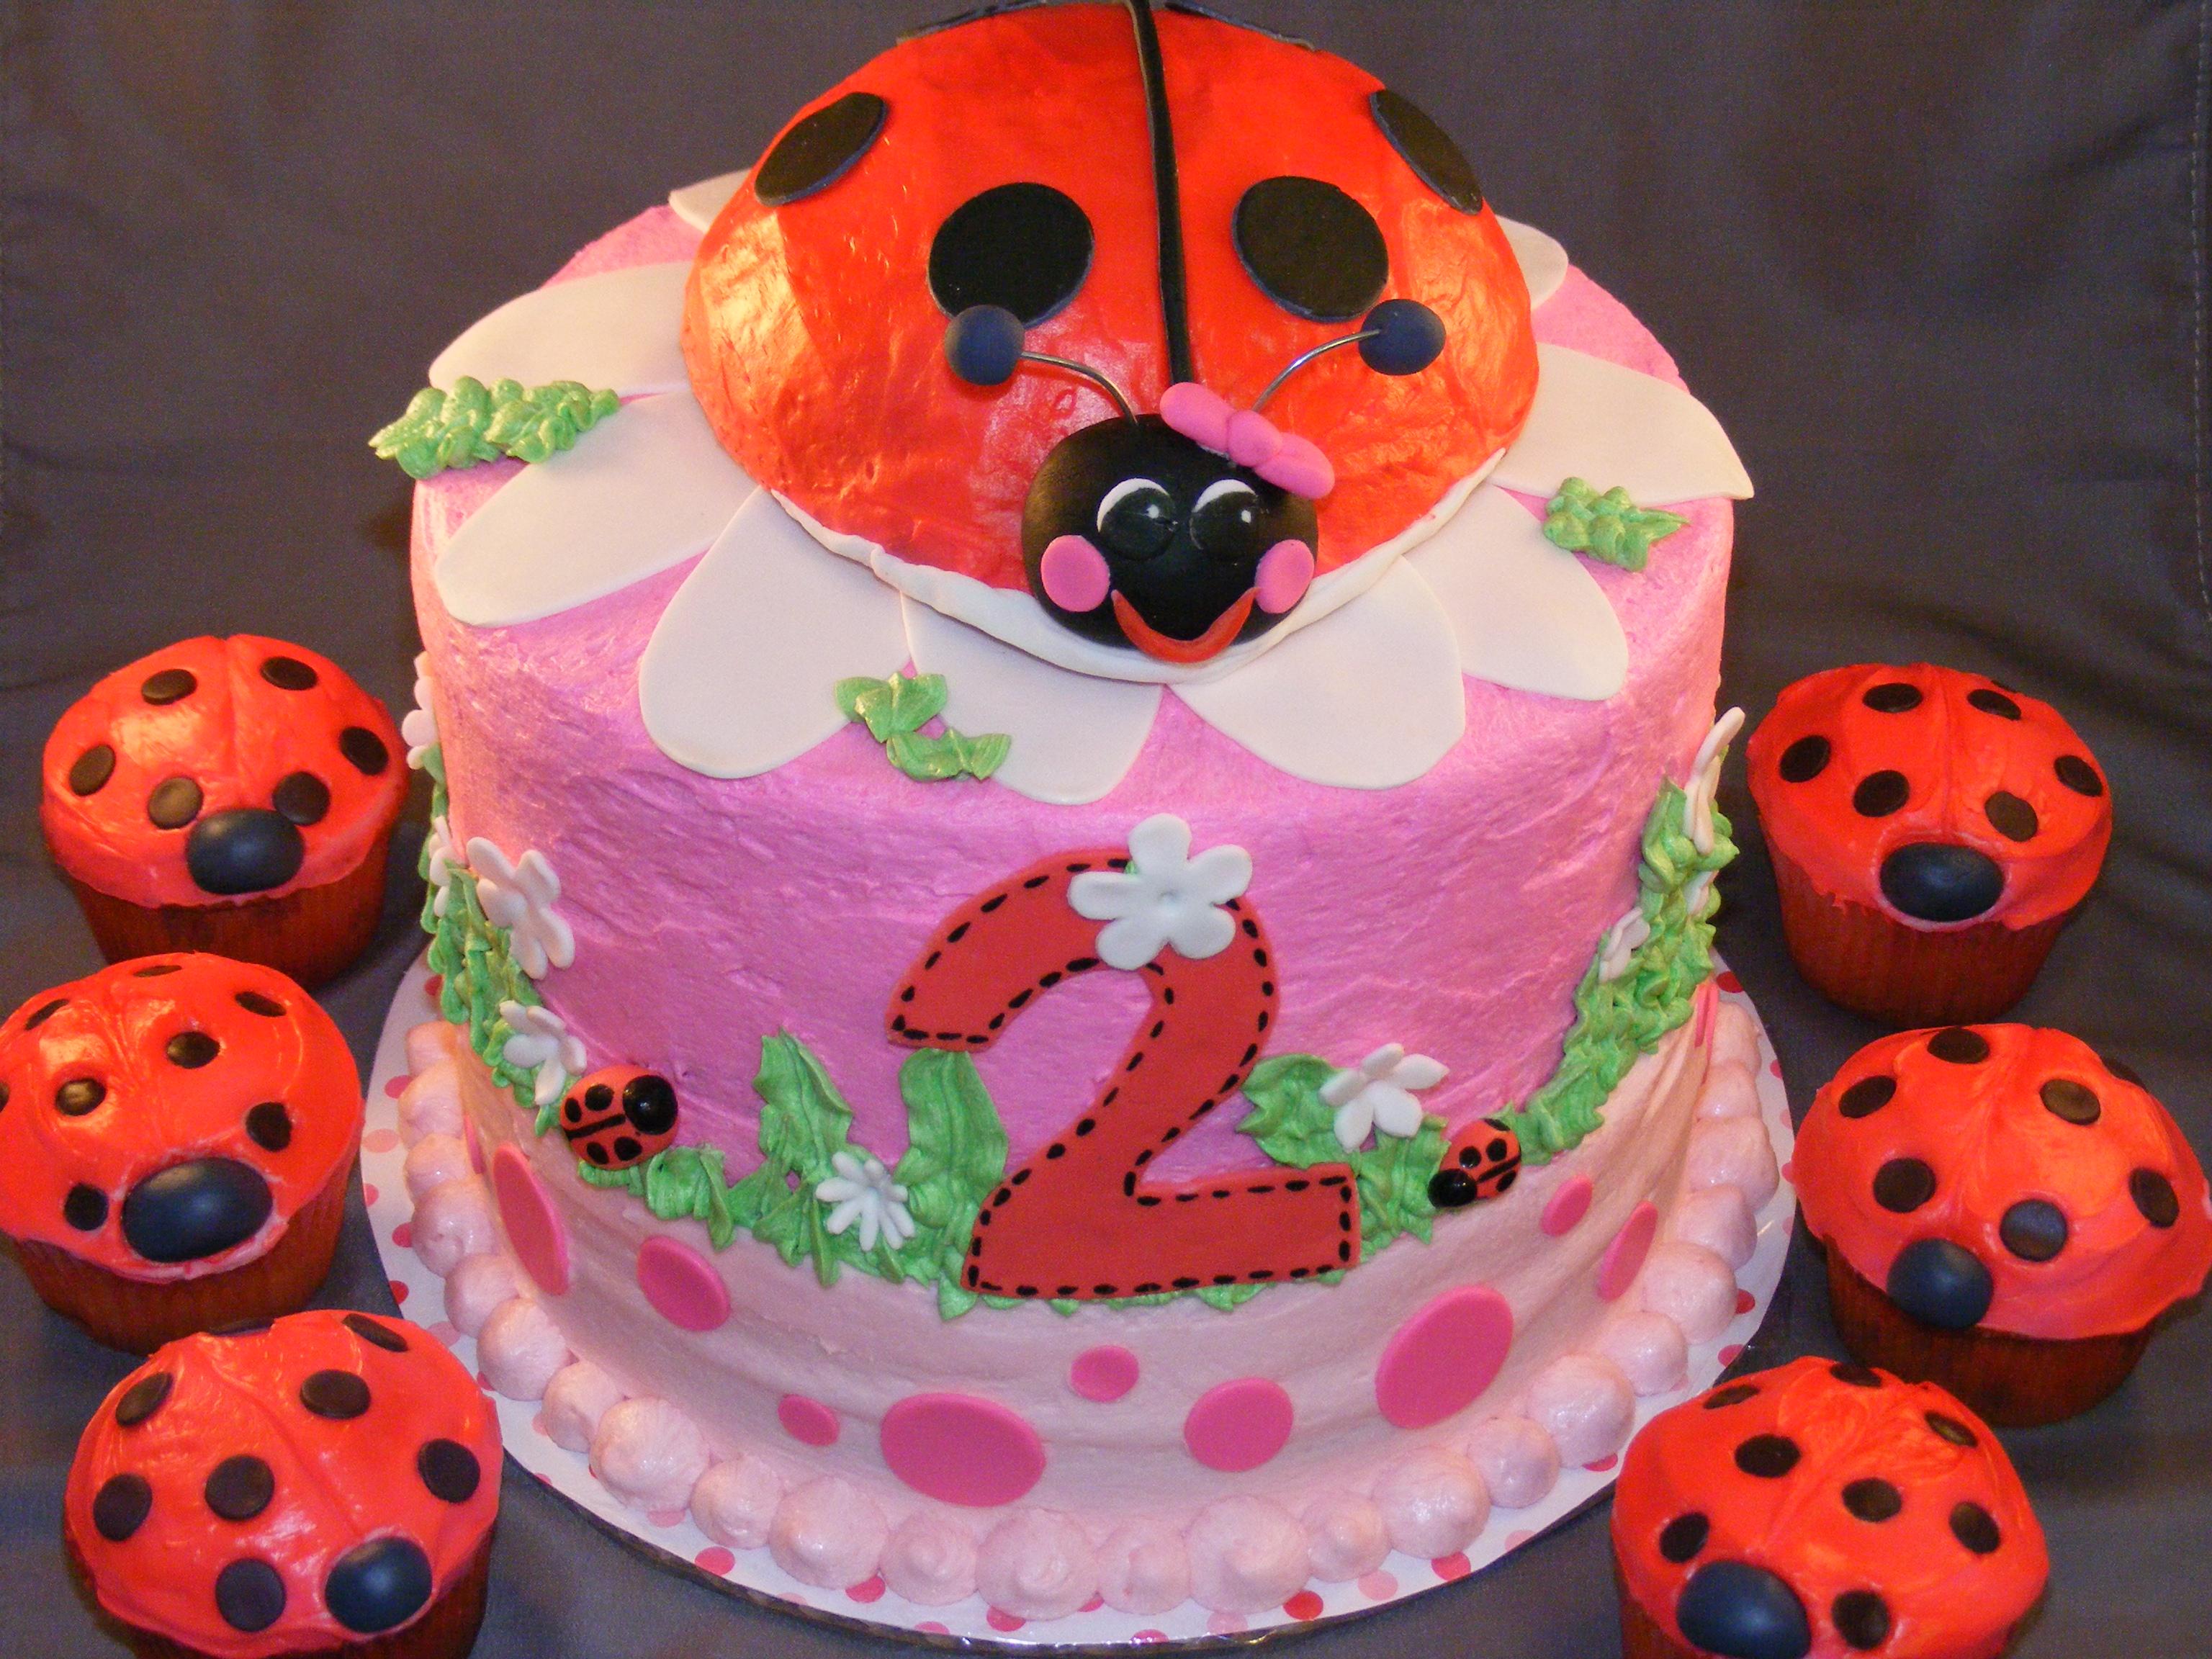 Ladybug Cake Decoration Ideas : Ladybug Cakes   Decoration Ideas Little Birthday Cakes